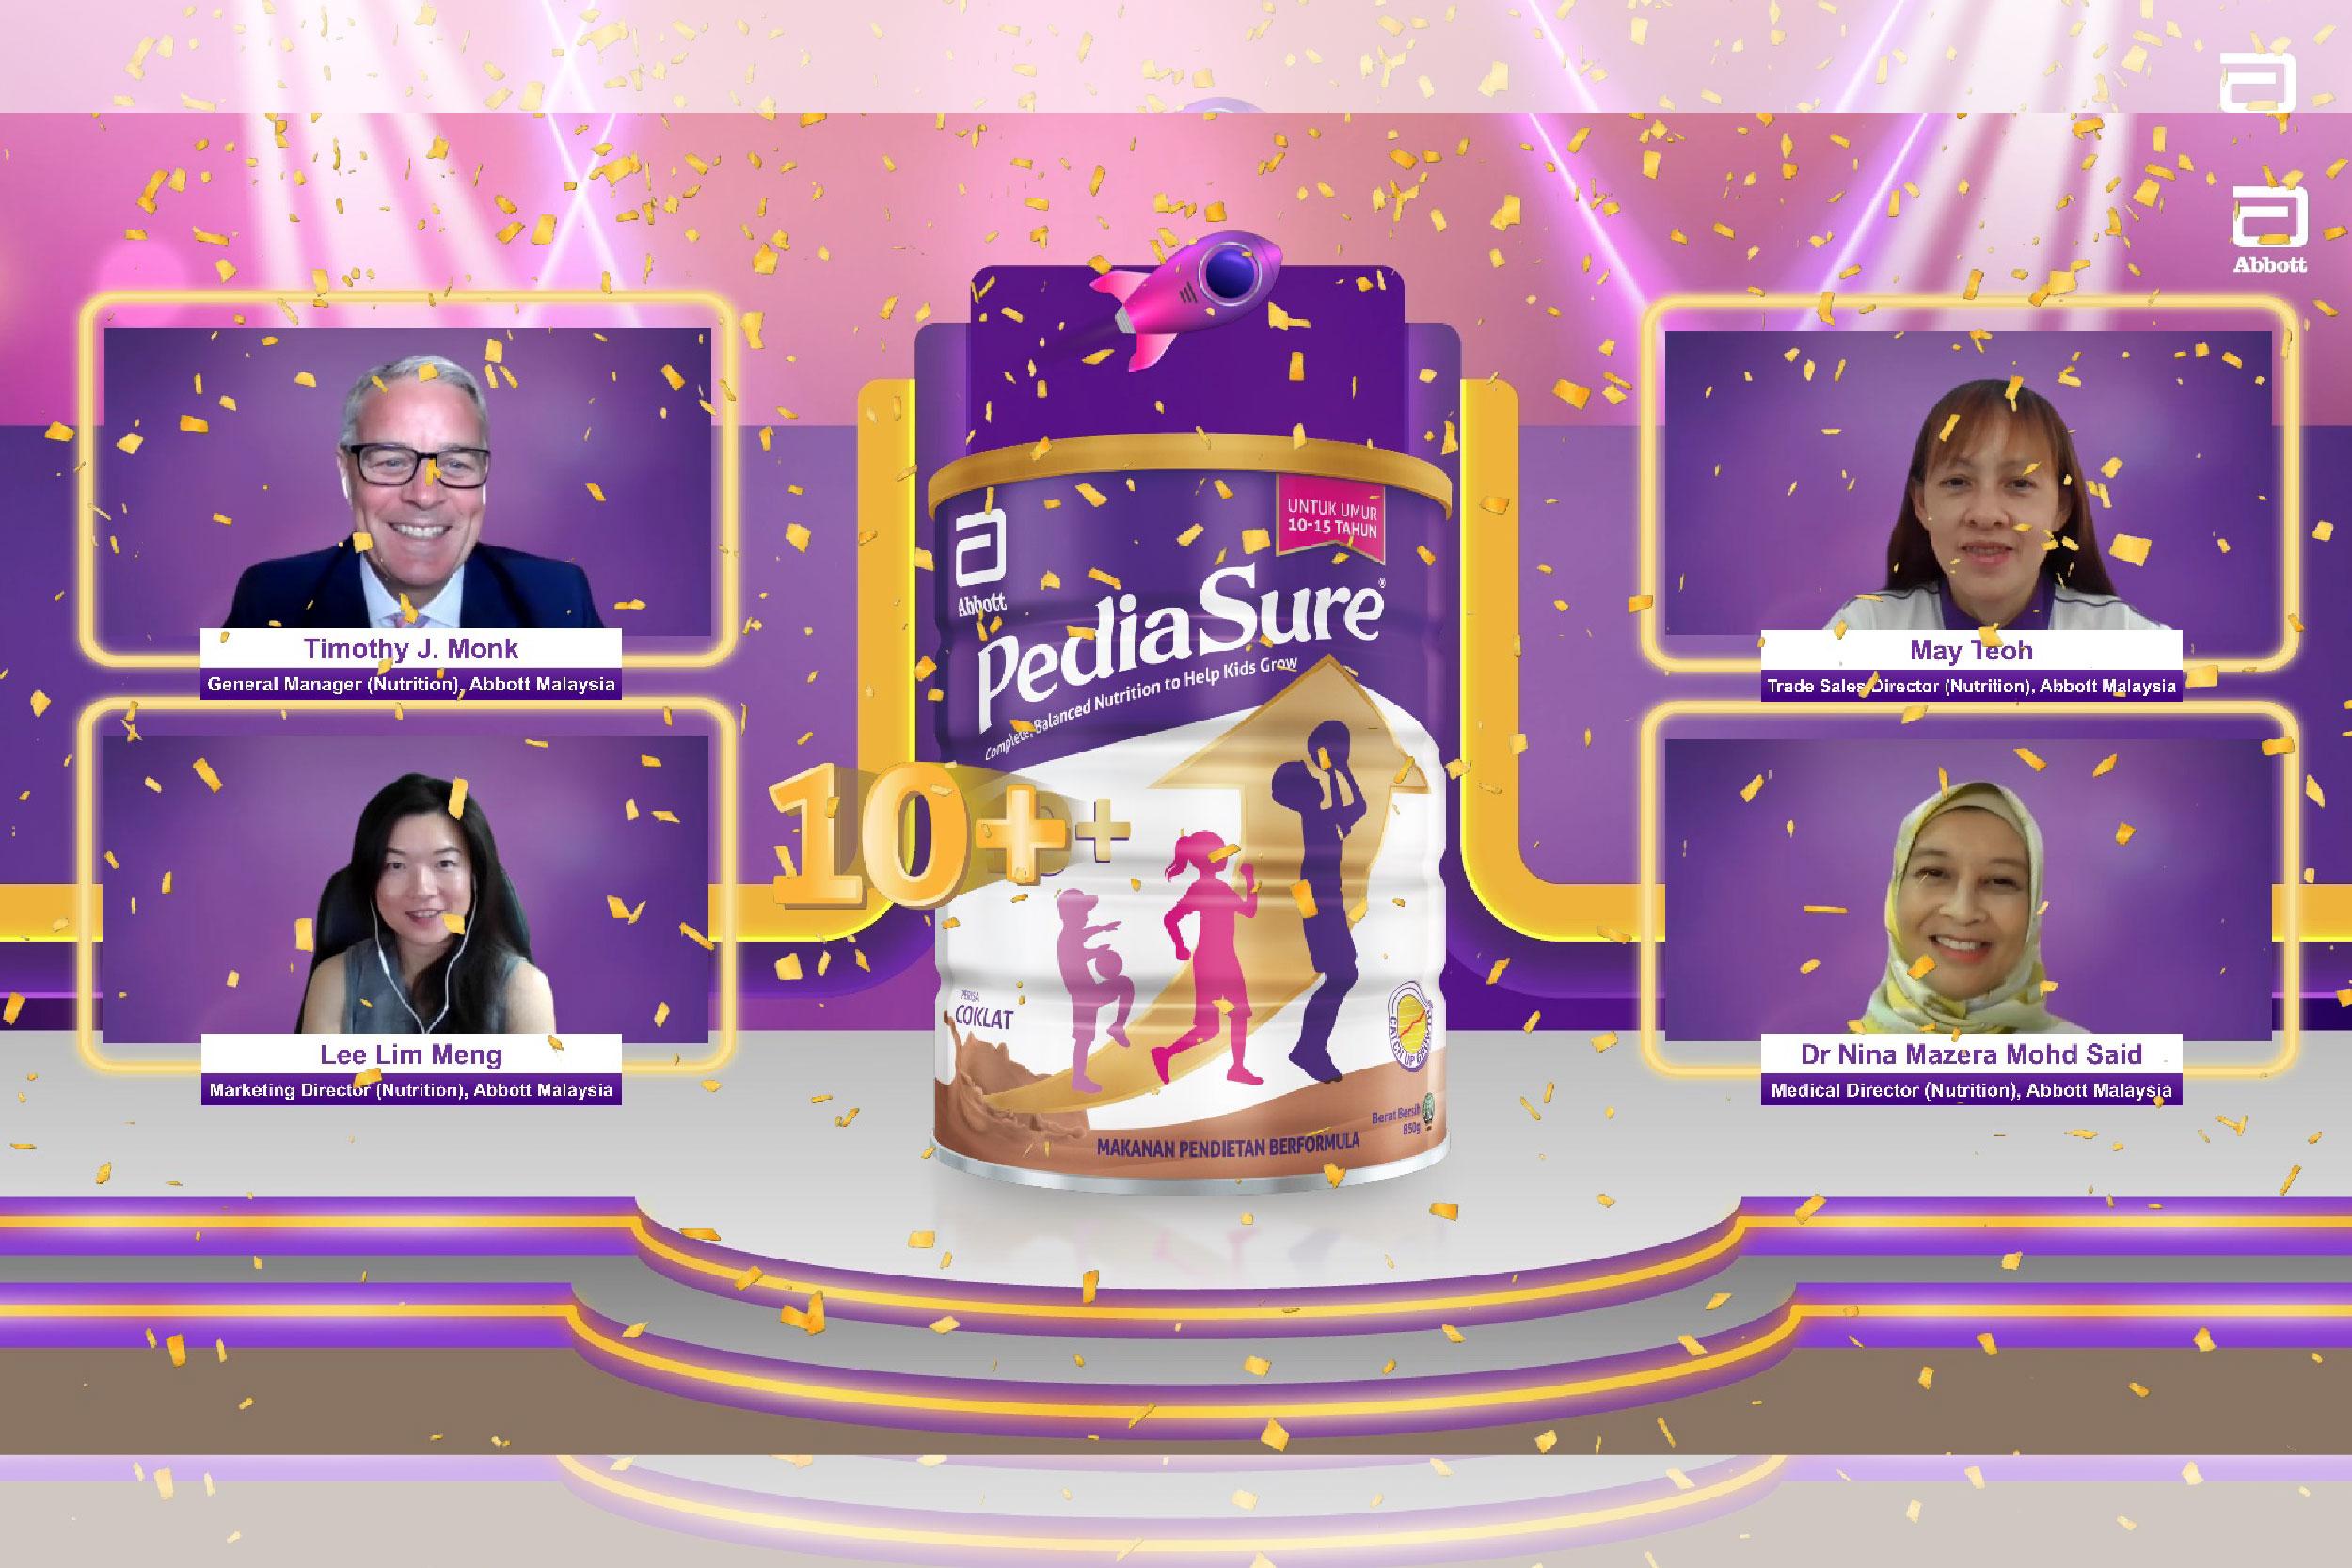 全球医疗保健行业领导者雅培(Abbott)于周二(14日)推出了PediaSure 10+,该产品是雅培首次特别针对年龄介于10至15岁的孩子而设的配方。-雅培提供-